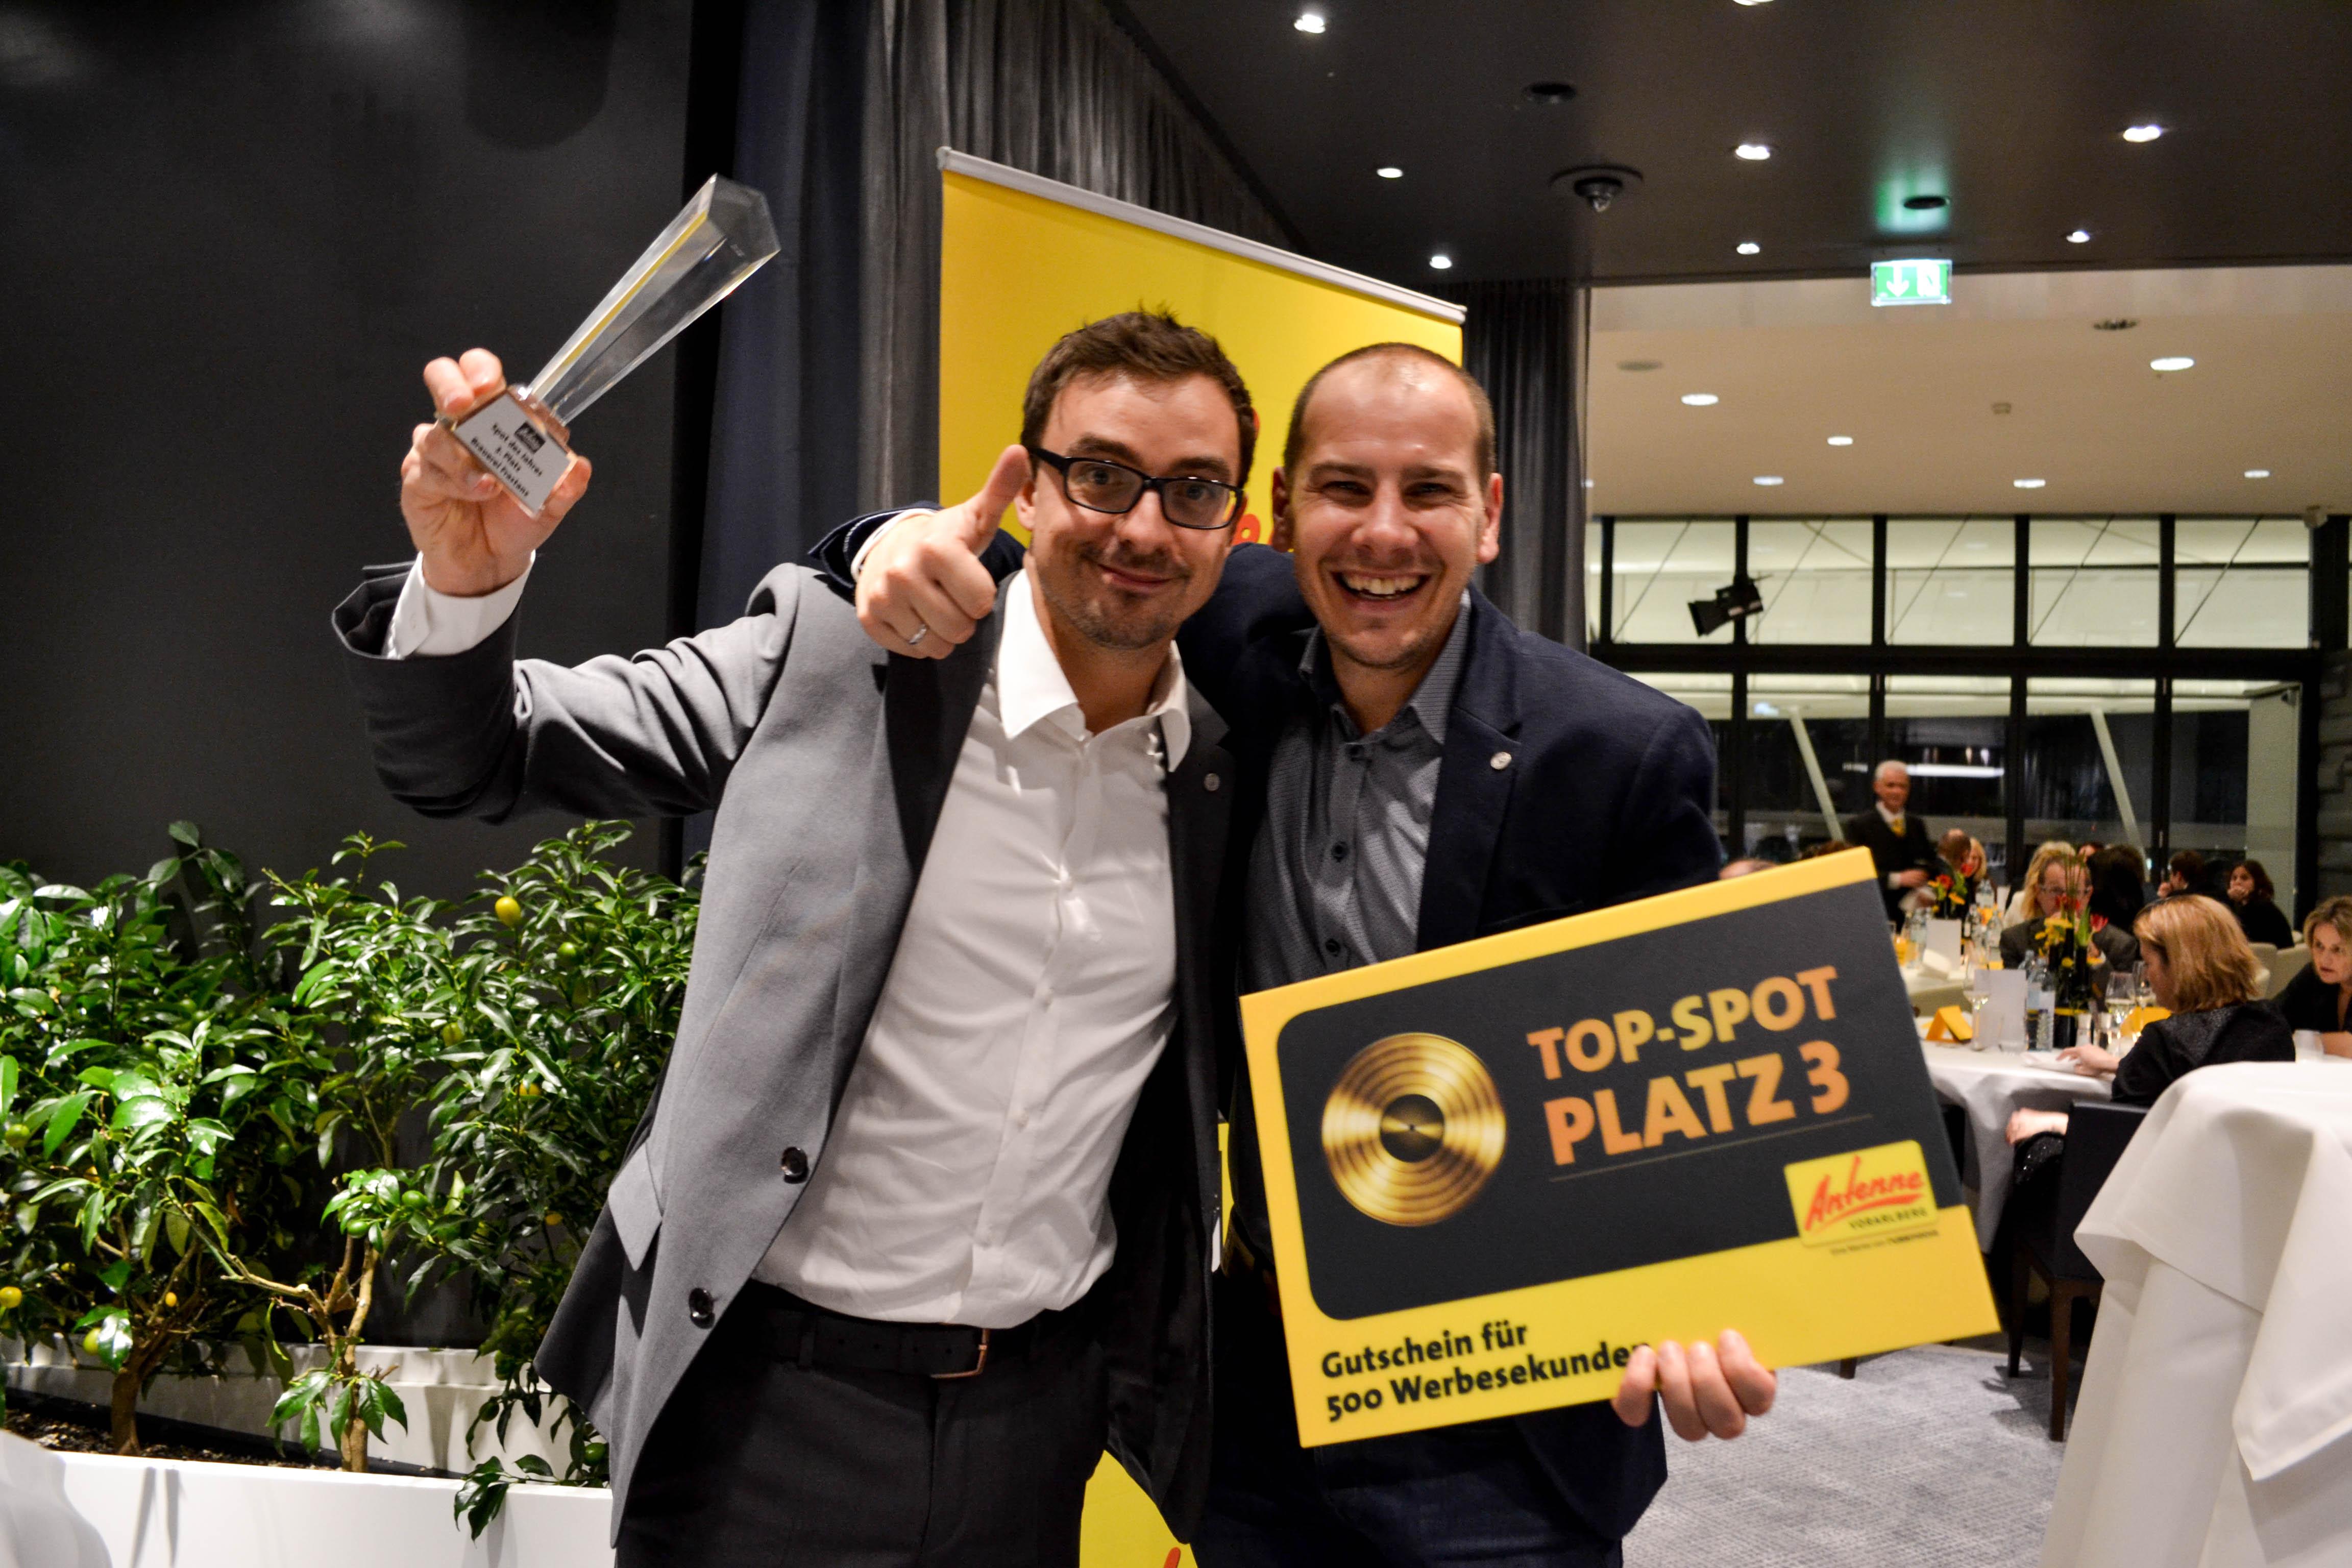 Platz 3_Mario Rothmund und Oliver Müller für Brauerei Frastanz